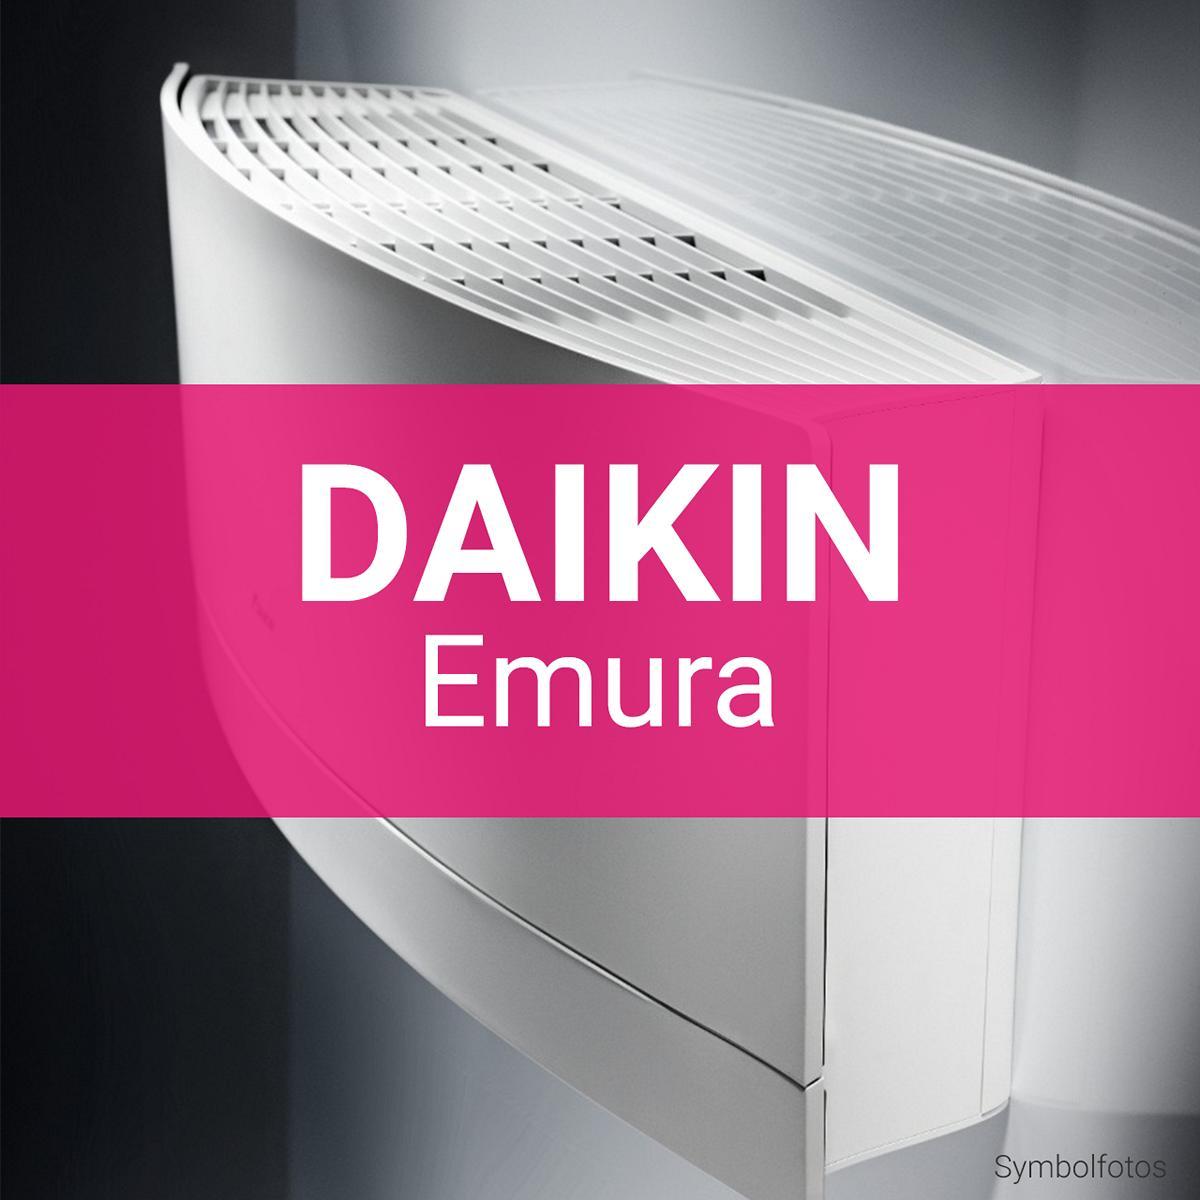 Daikin Emura R32